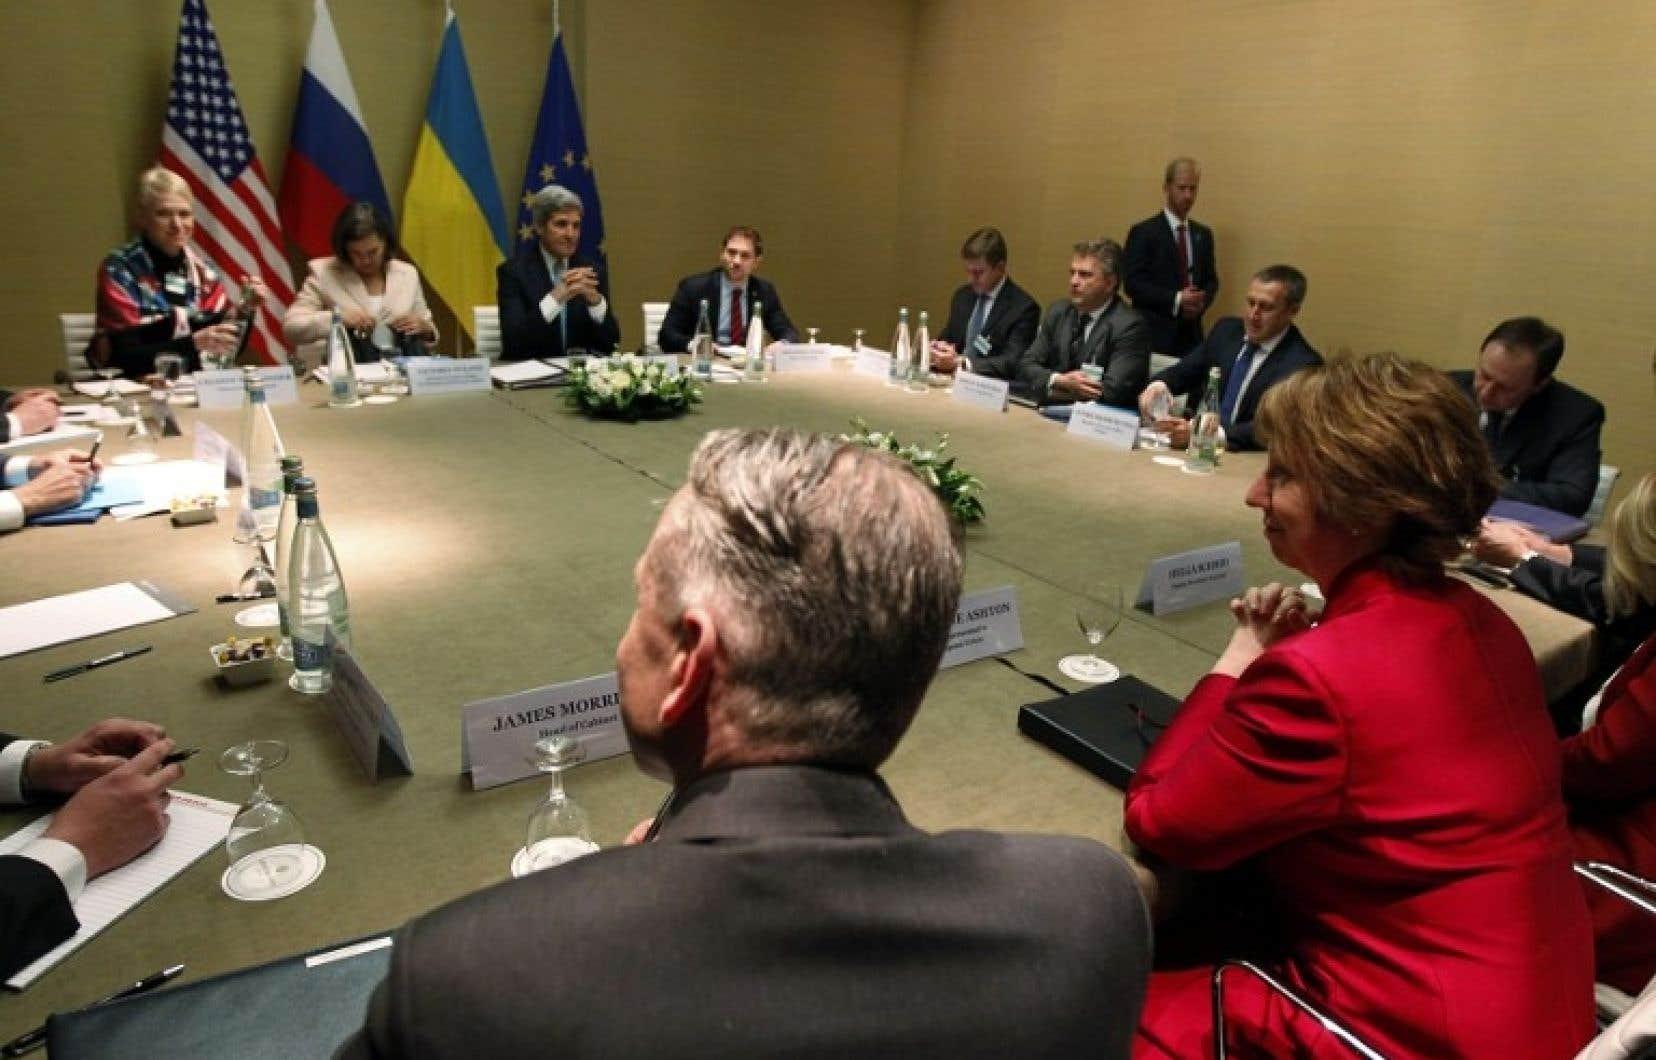 Au terme d'une réunion d'un jour organisée à Genève, les ministres des Affaires étrangères sont arrivés à une entente qui pourrait mener à une possible sortie de crise en Ukraine.